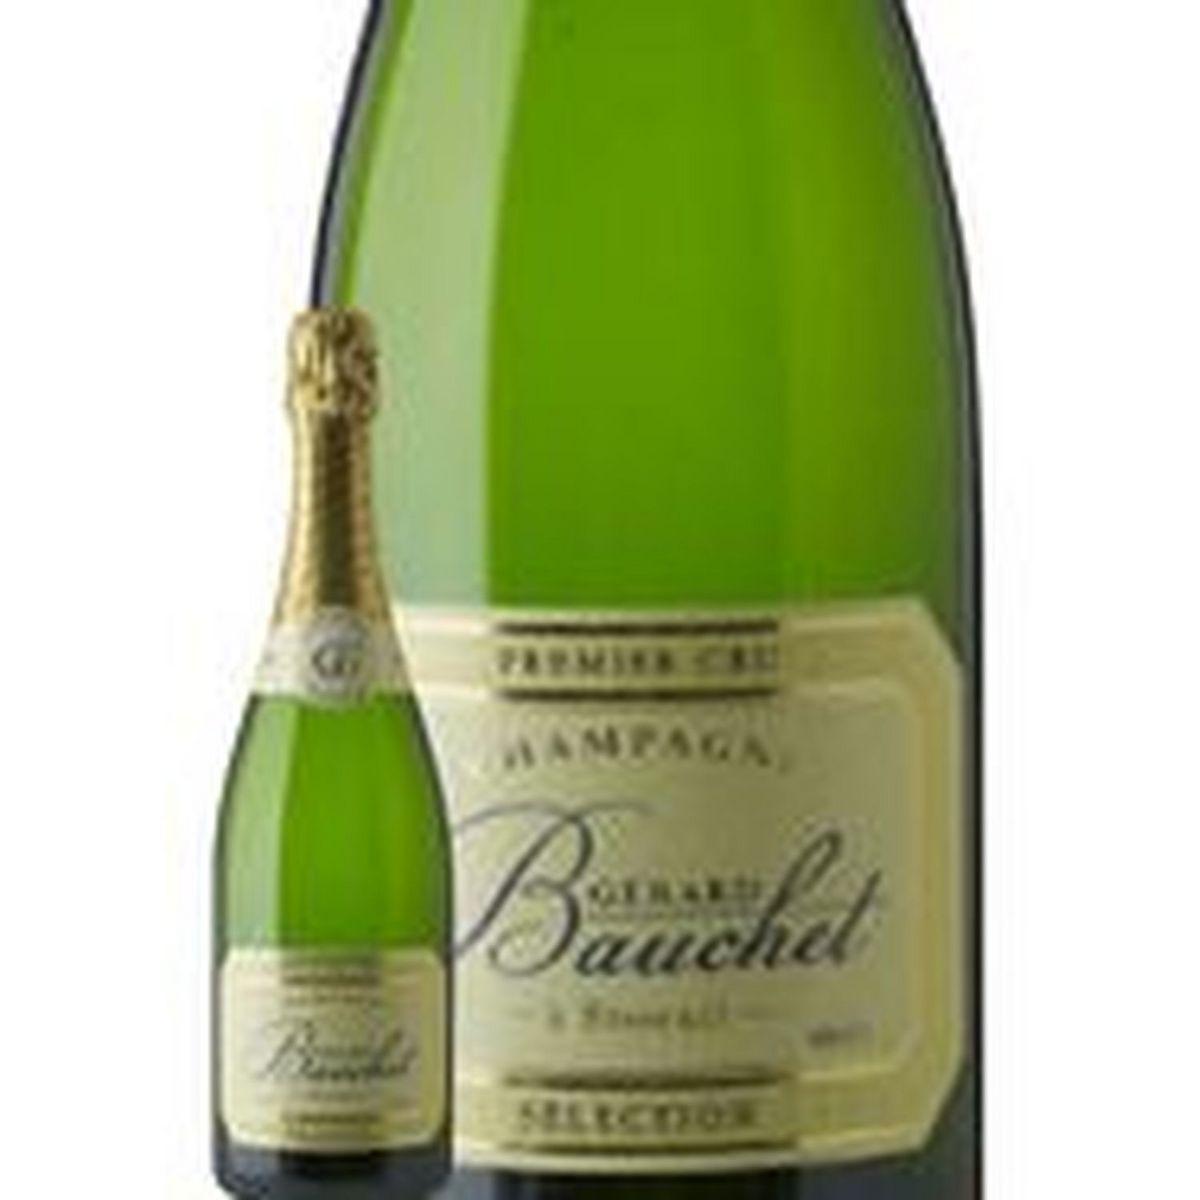 AOP Champagne Brut 1er Cru Cuvée Sélection Gérard Bauchet blanc